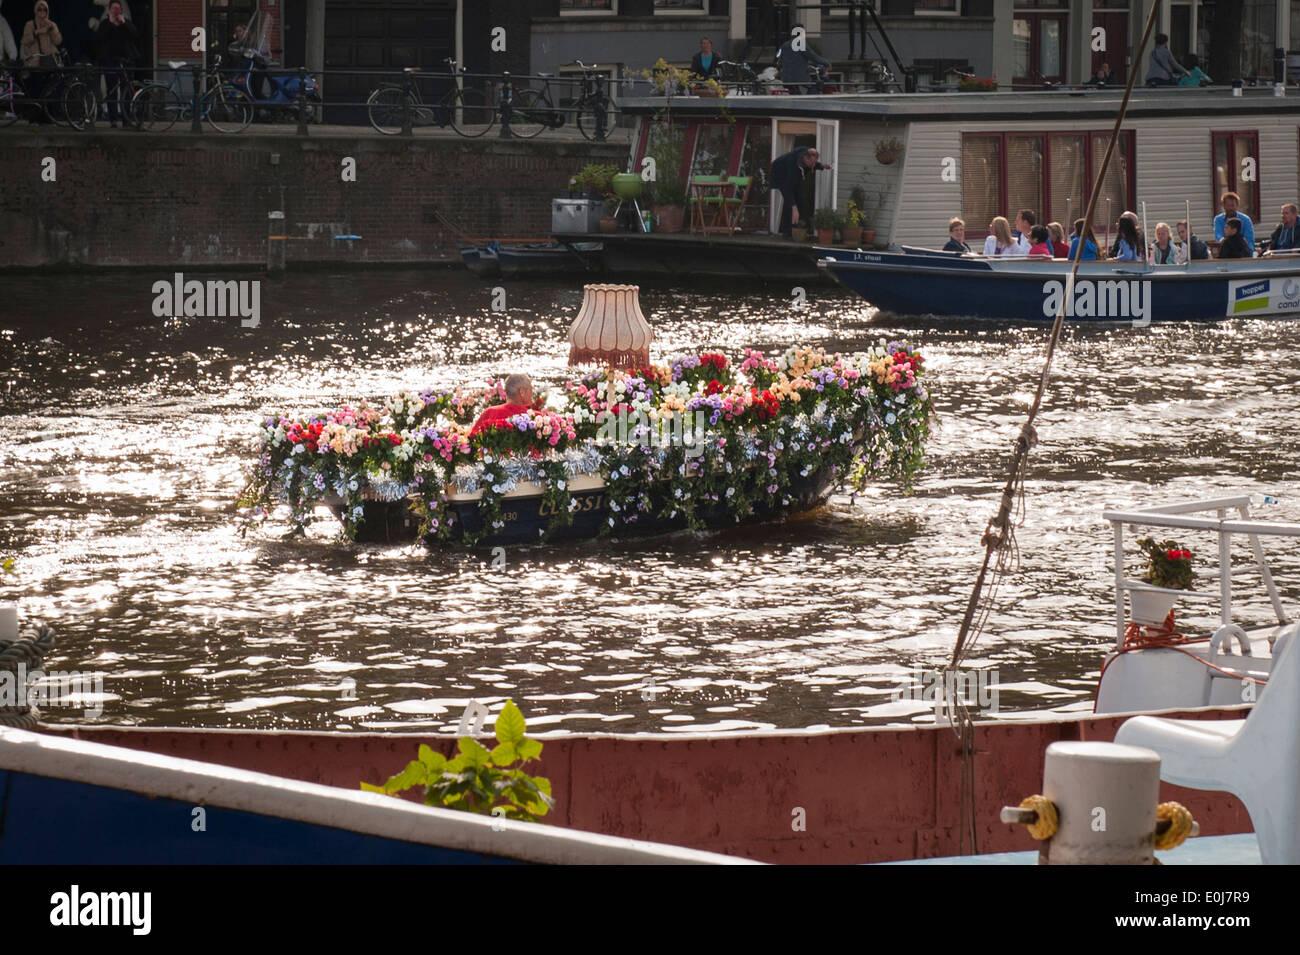 Holland , Paesi Bassi , Amsterdam City , canal imbarcazione a motore di lancio grappoli coperti tulip tutti i colori standard dei colori di luce e ombra Foto Stock